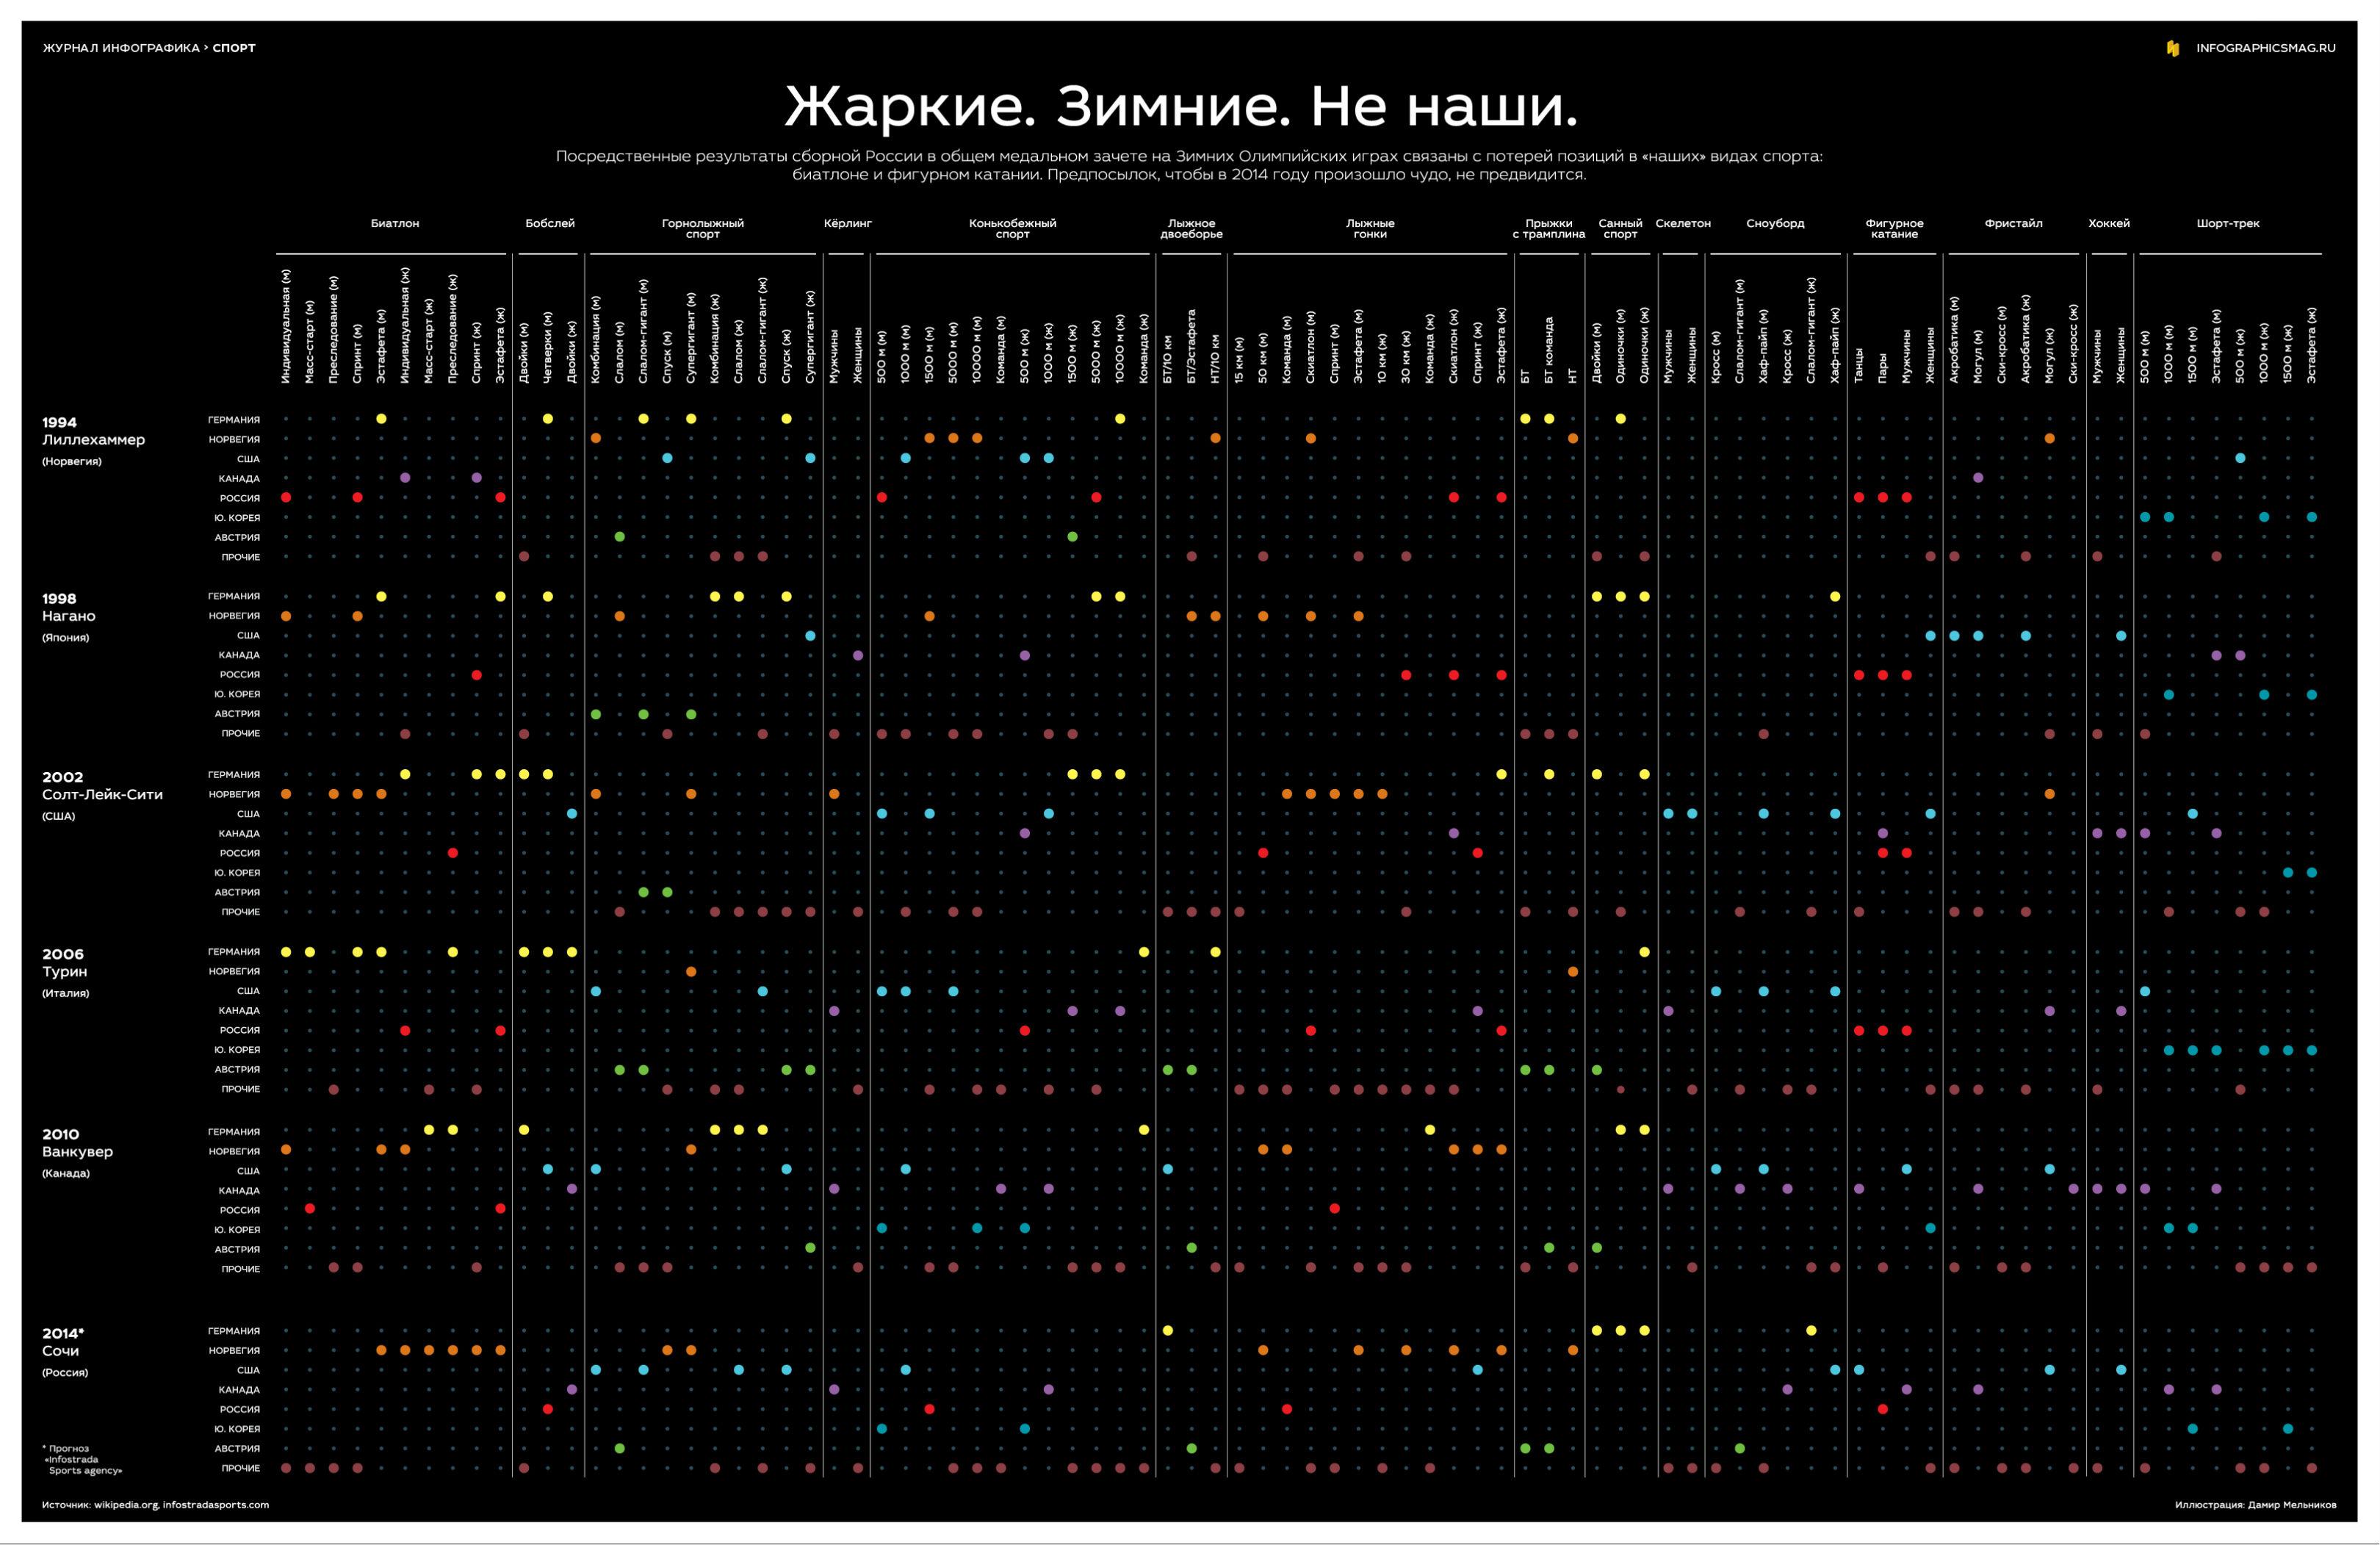 Инфографика об олимпиаде в Сочи.